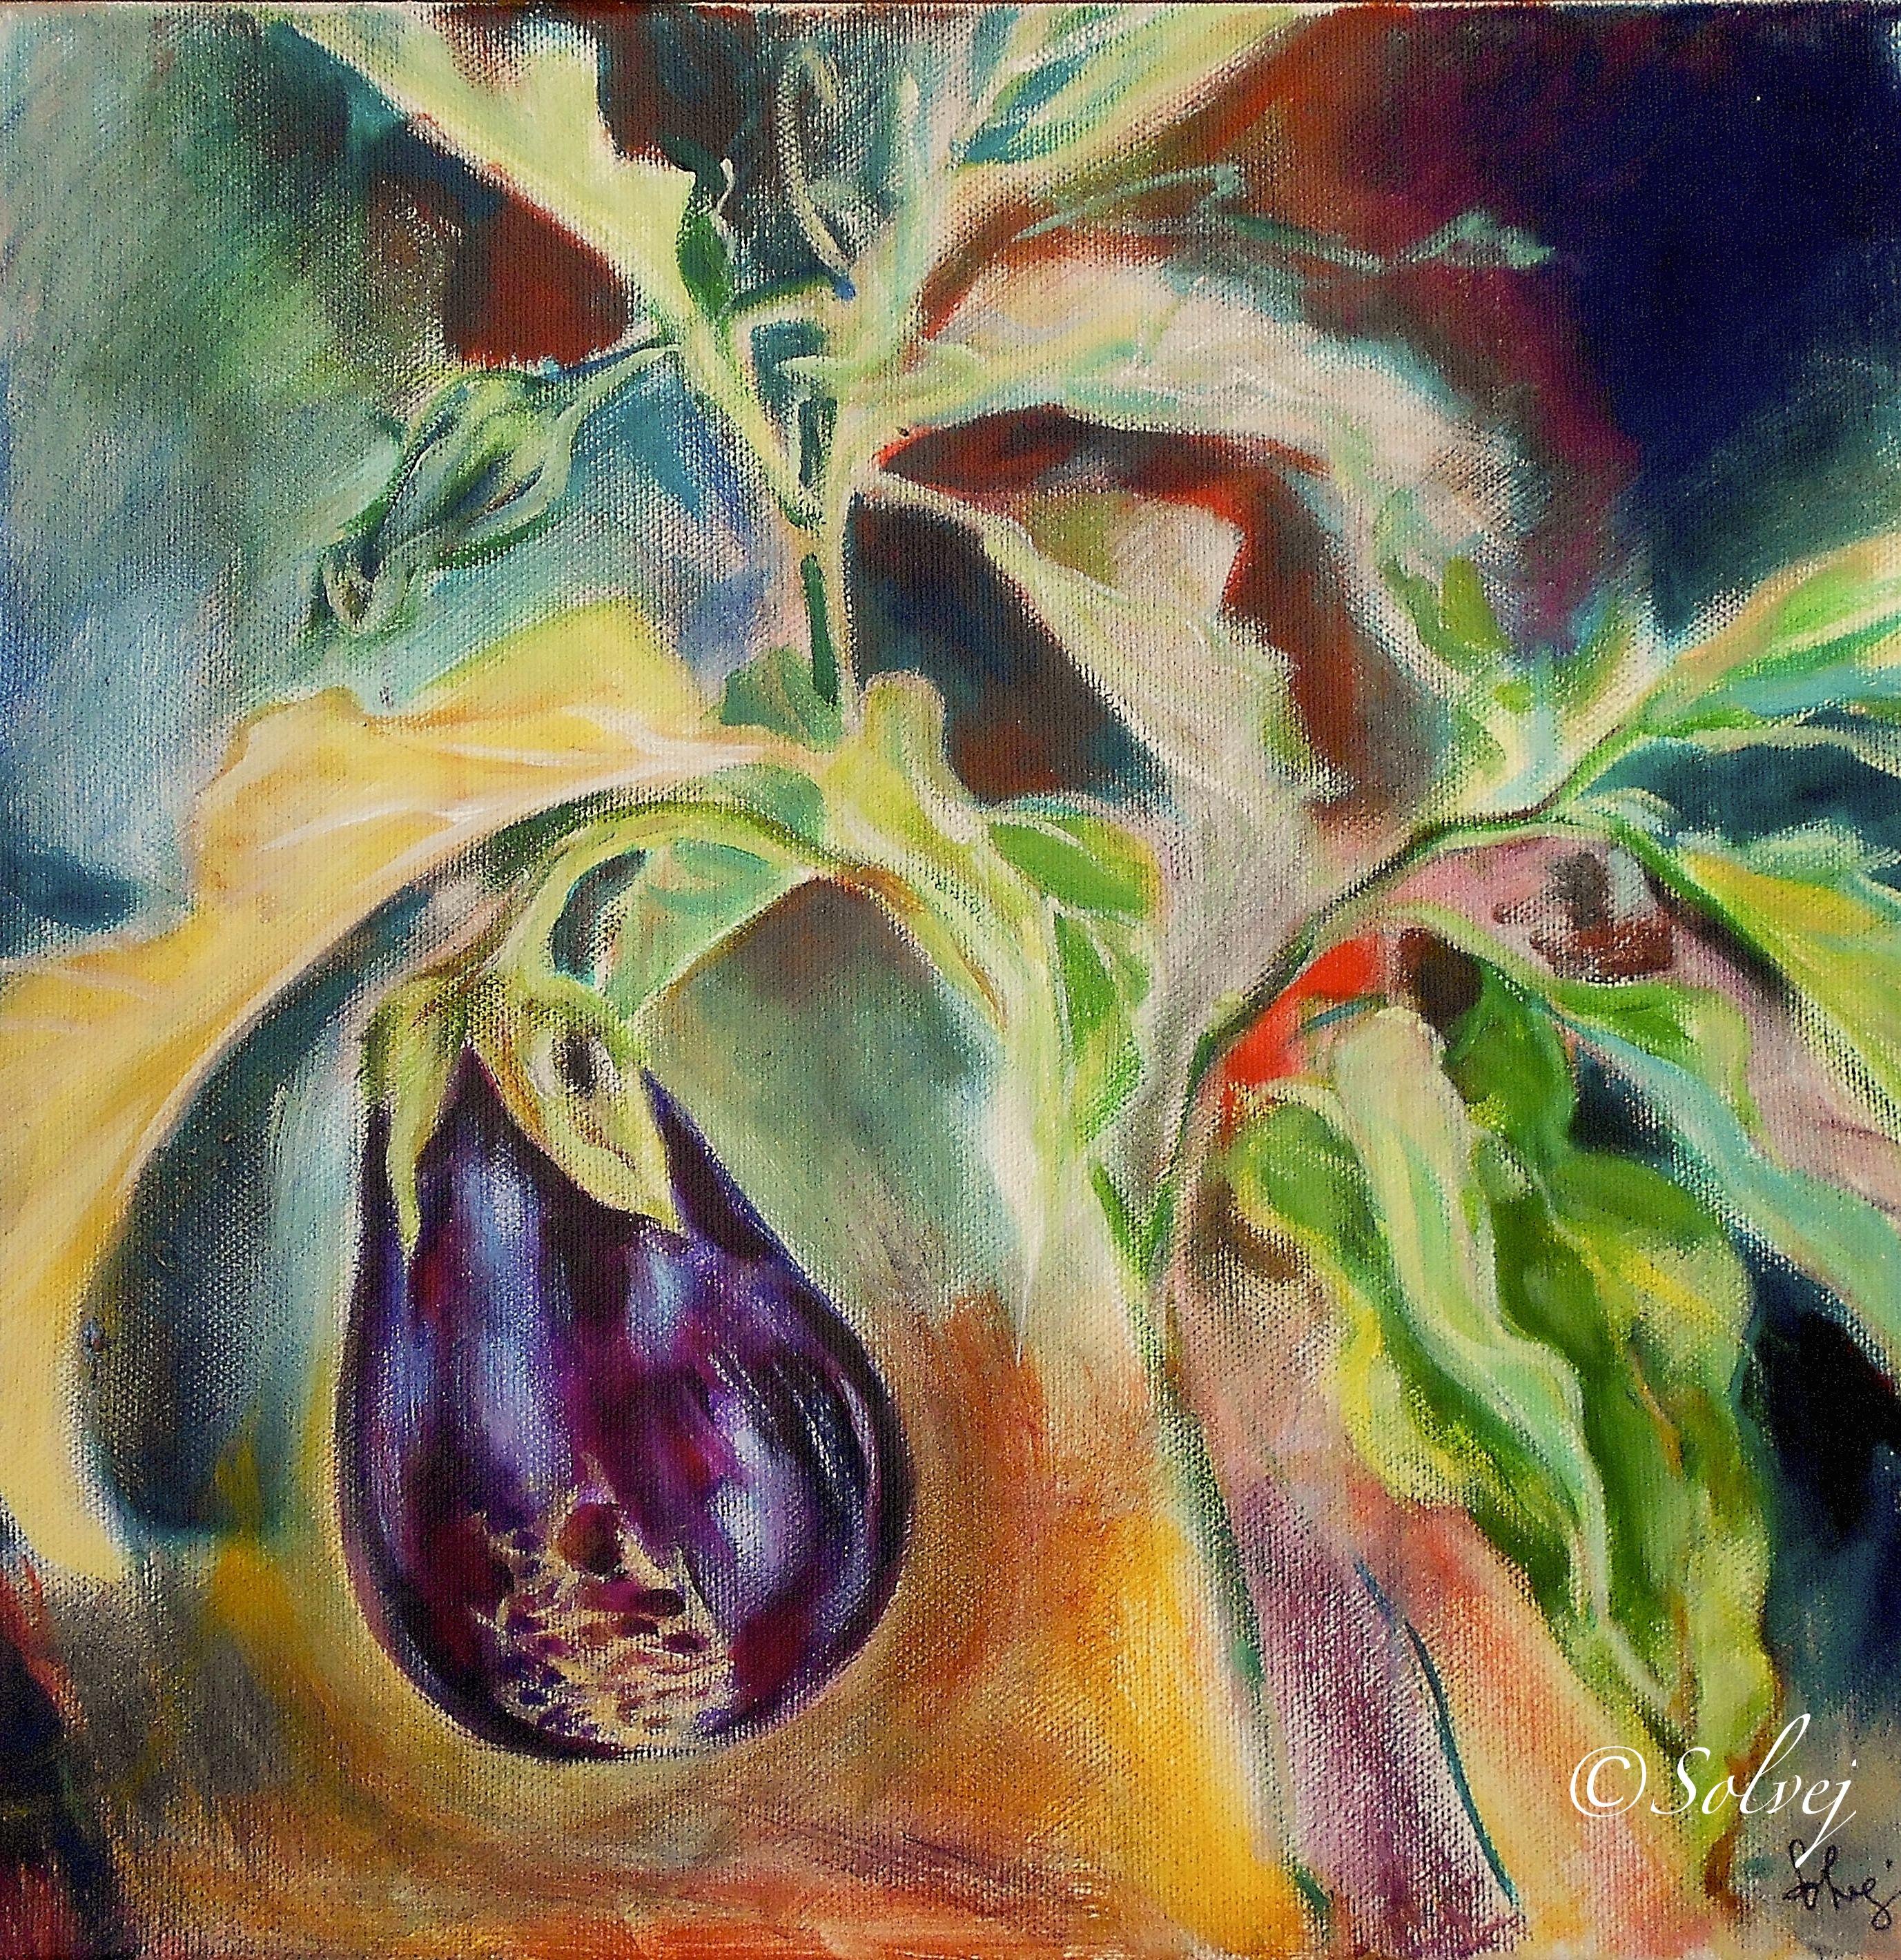 aubergine 455-Ac 30x30 8_2004 - copie.JPG